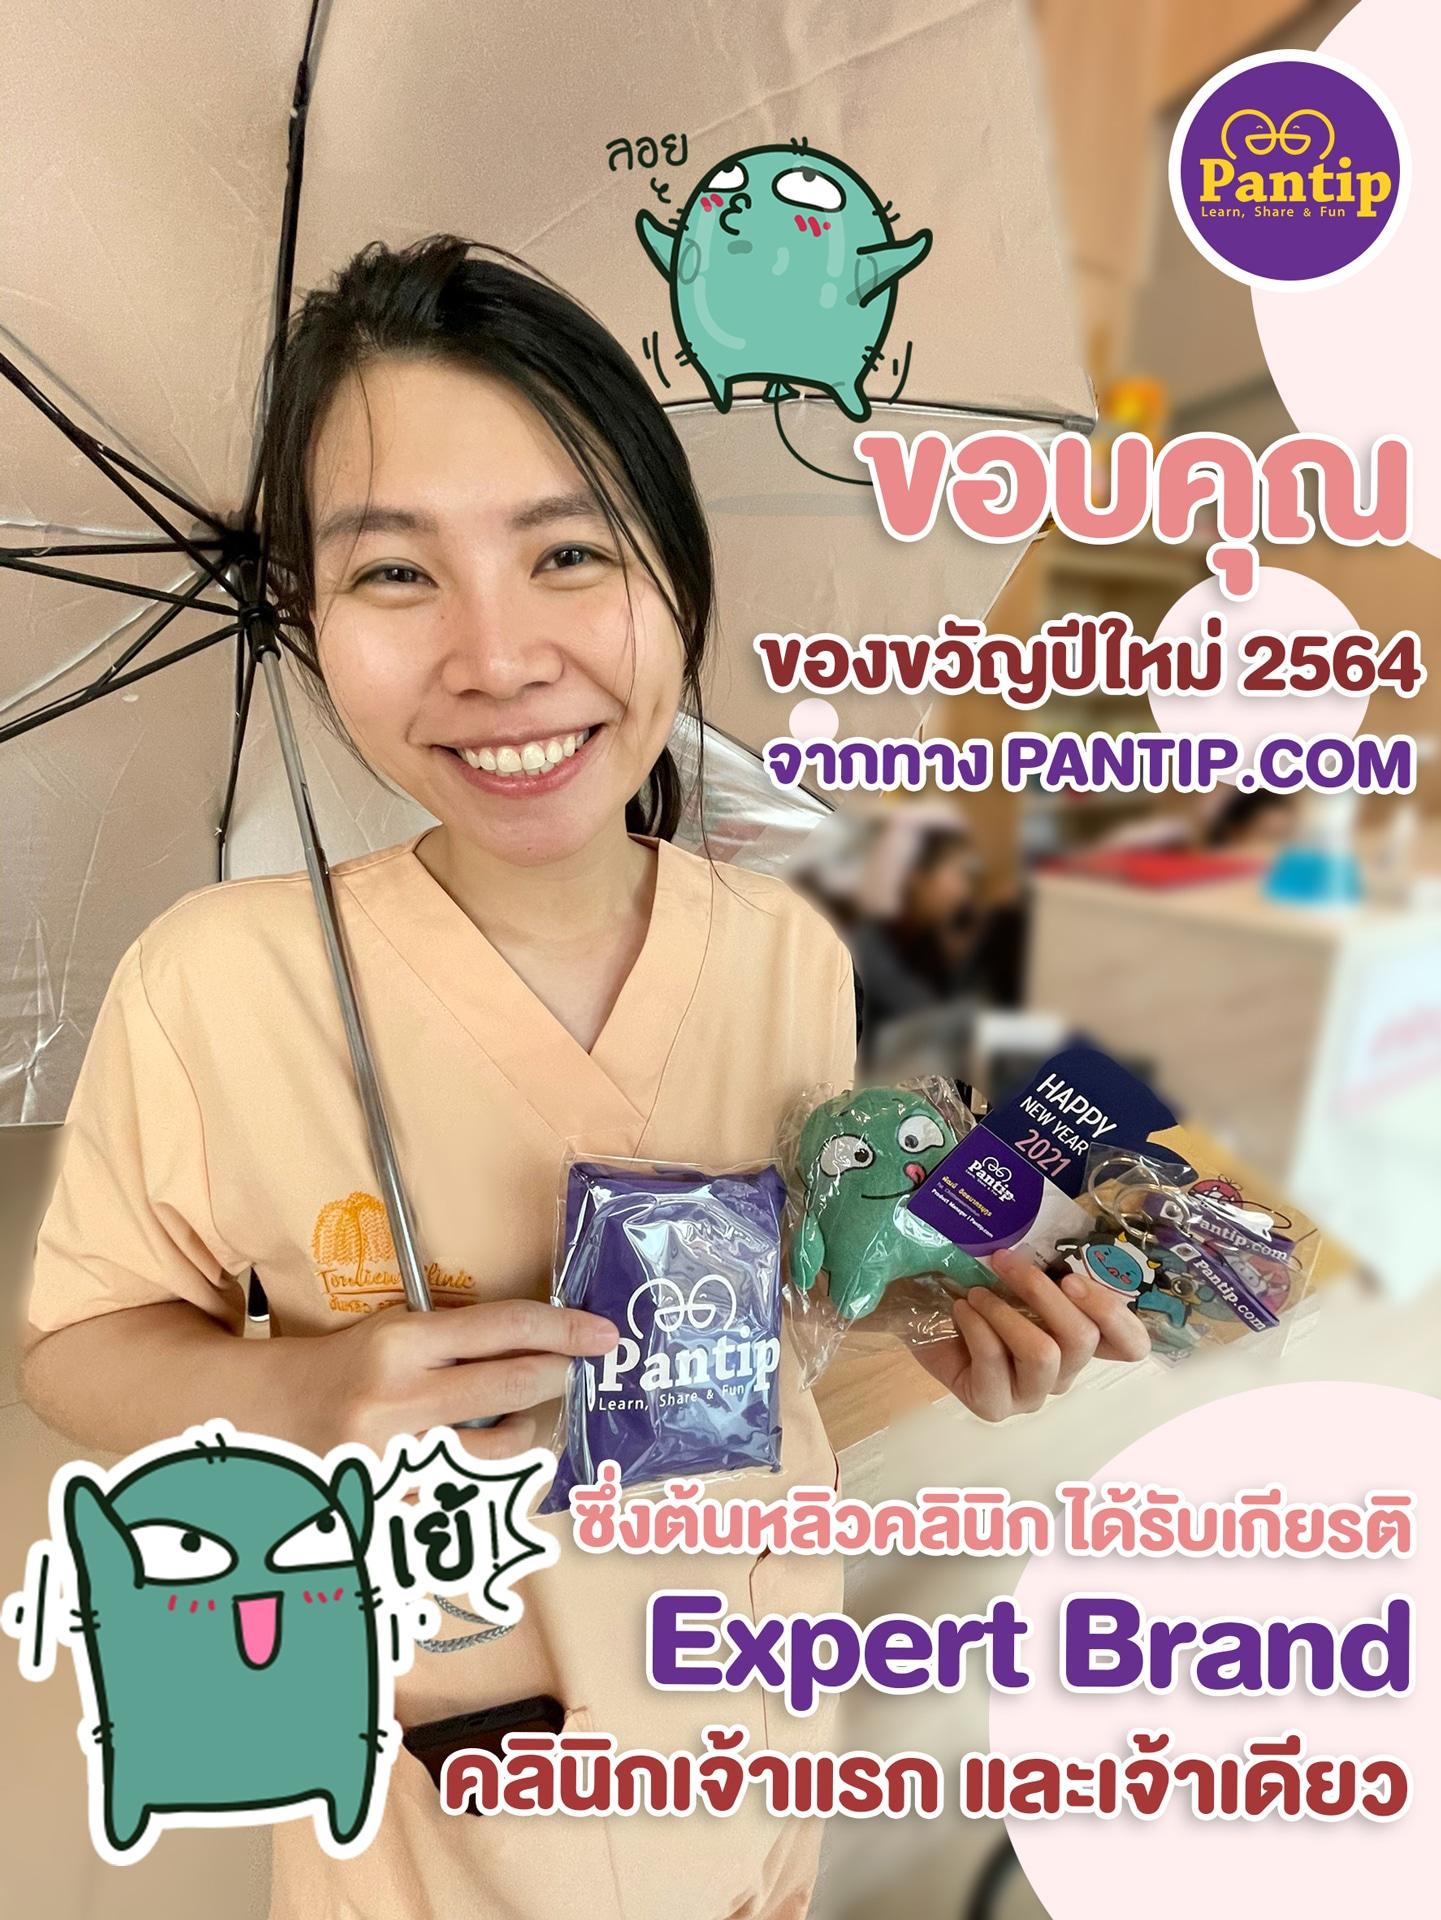 หมอหลิว ต้นหลิวคลินิก ได้เป็น Expert Brand ประจำ Pantip.com เจ้าแรกและเจ้าเดียว